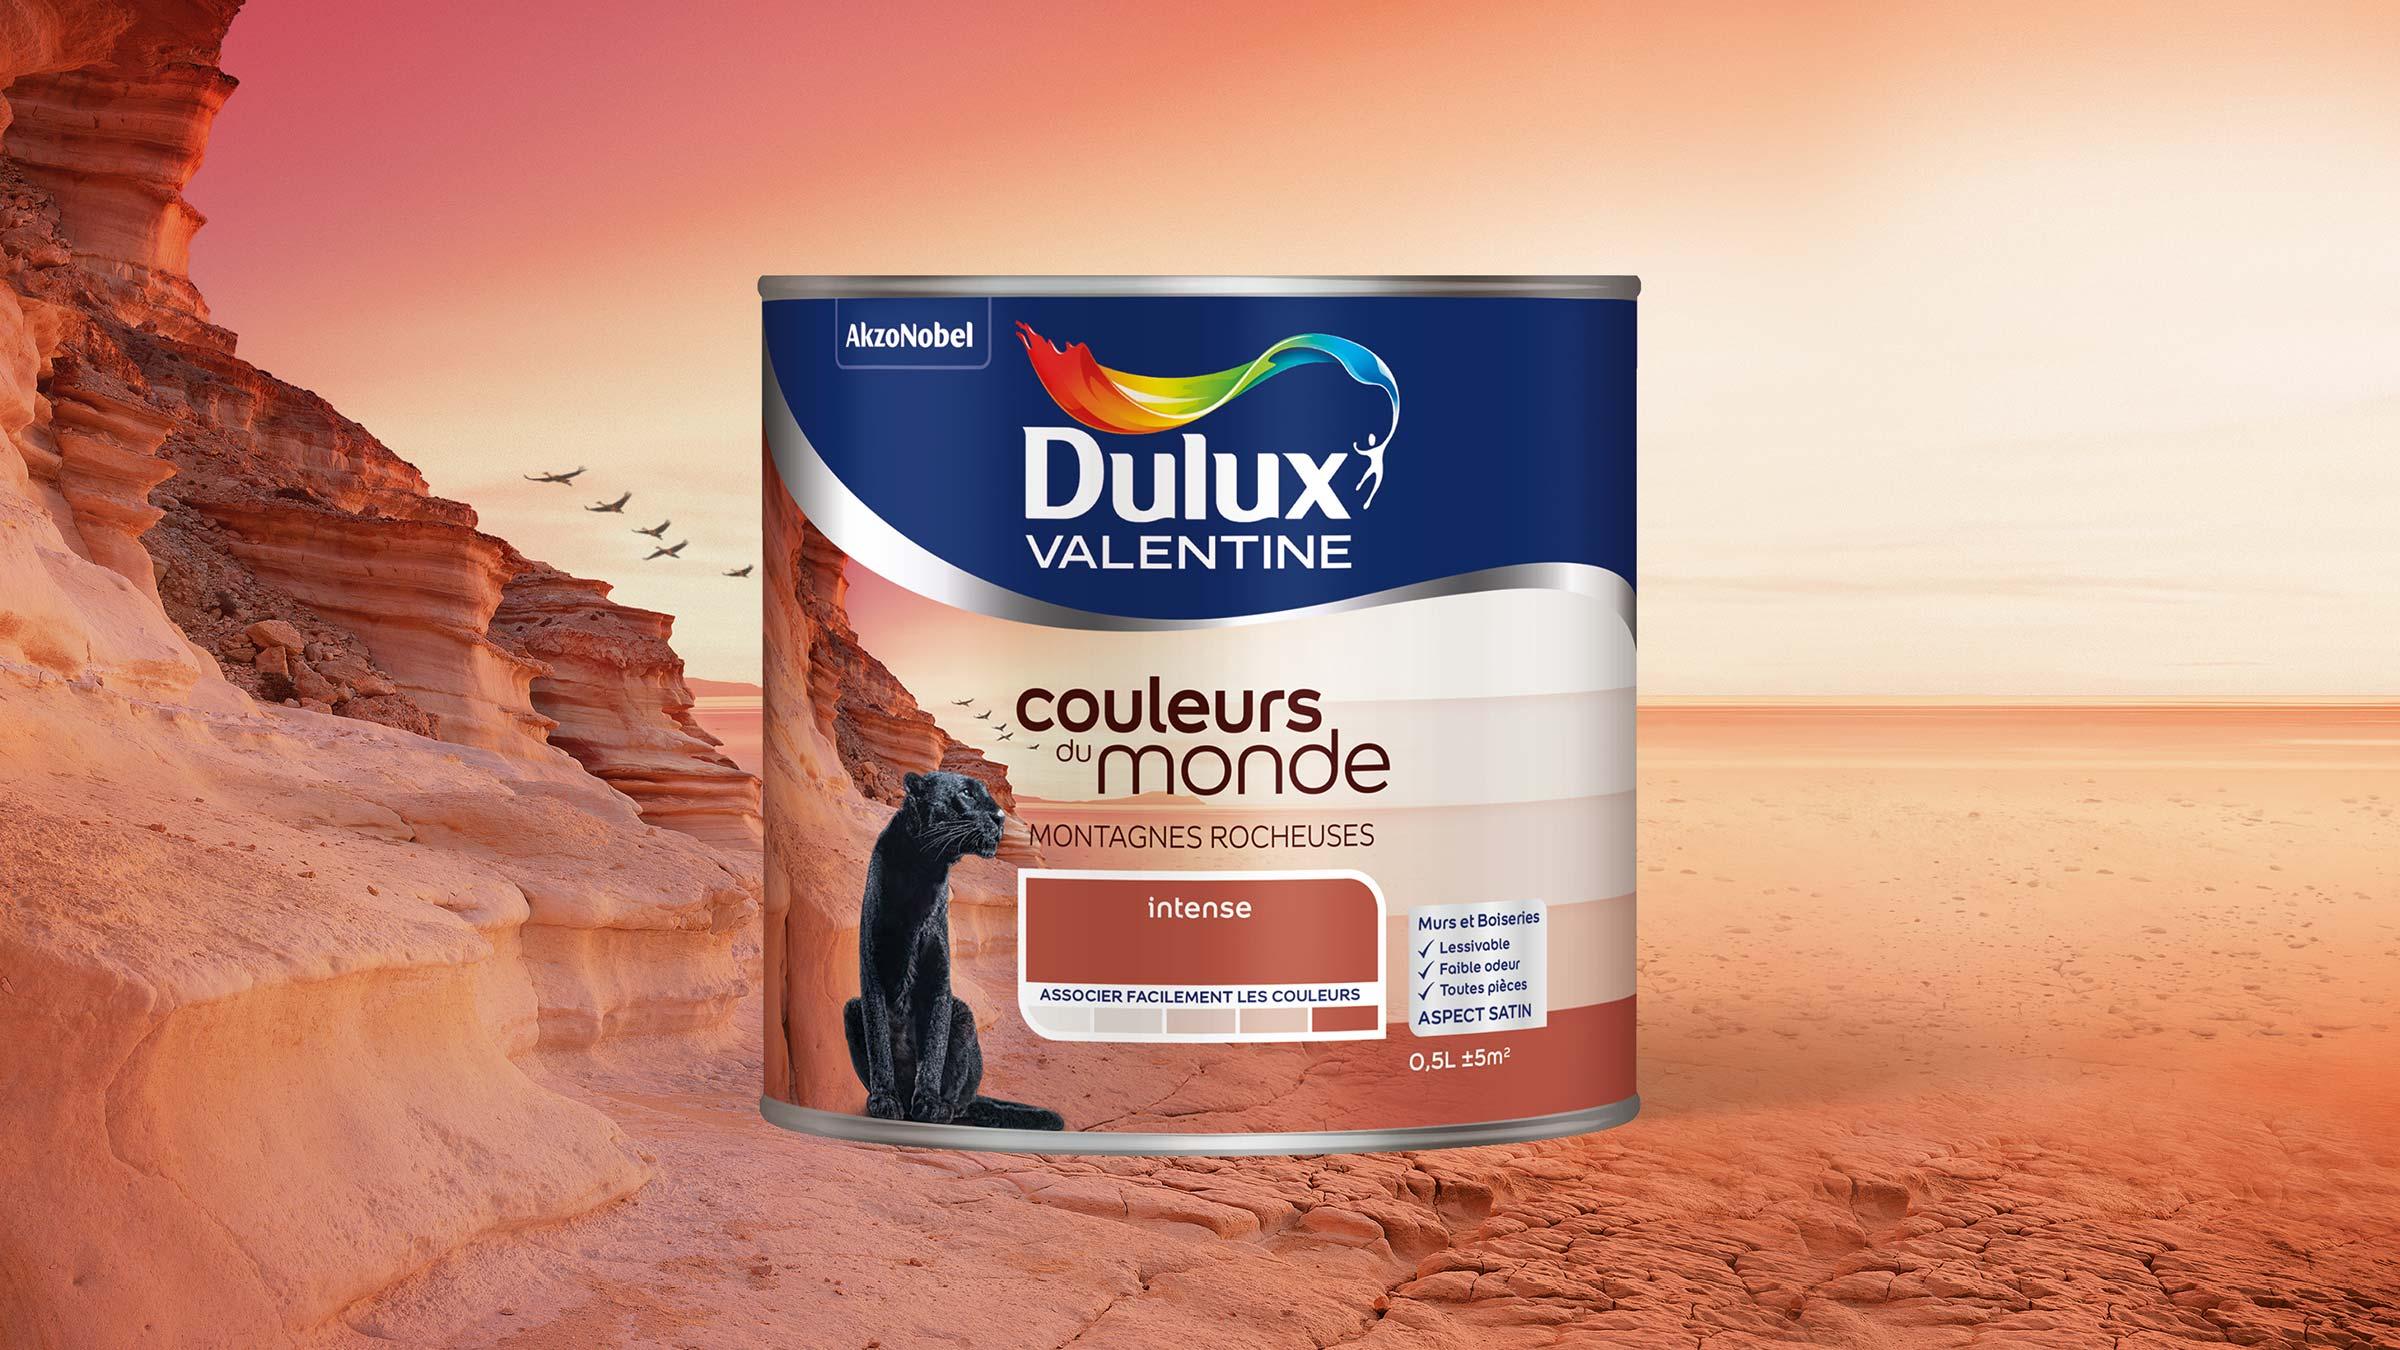 DuluxCow3